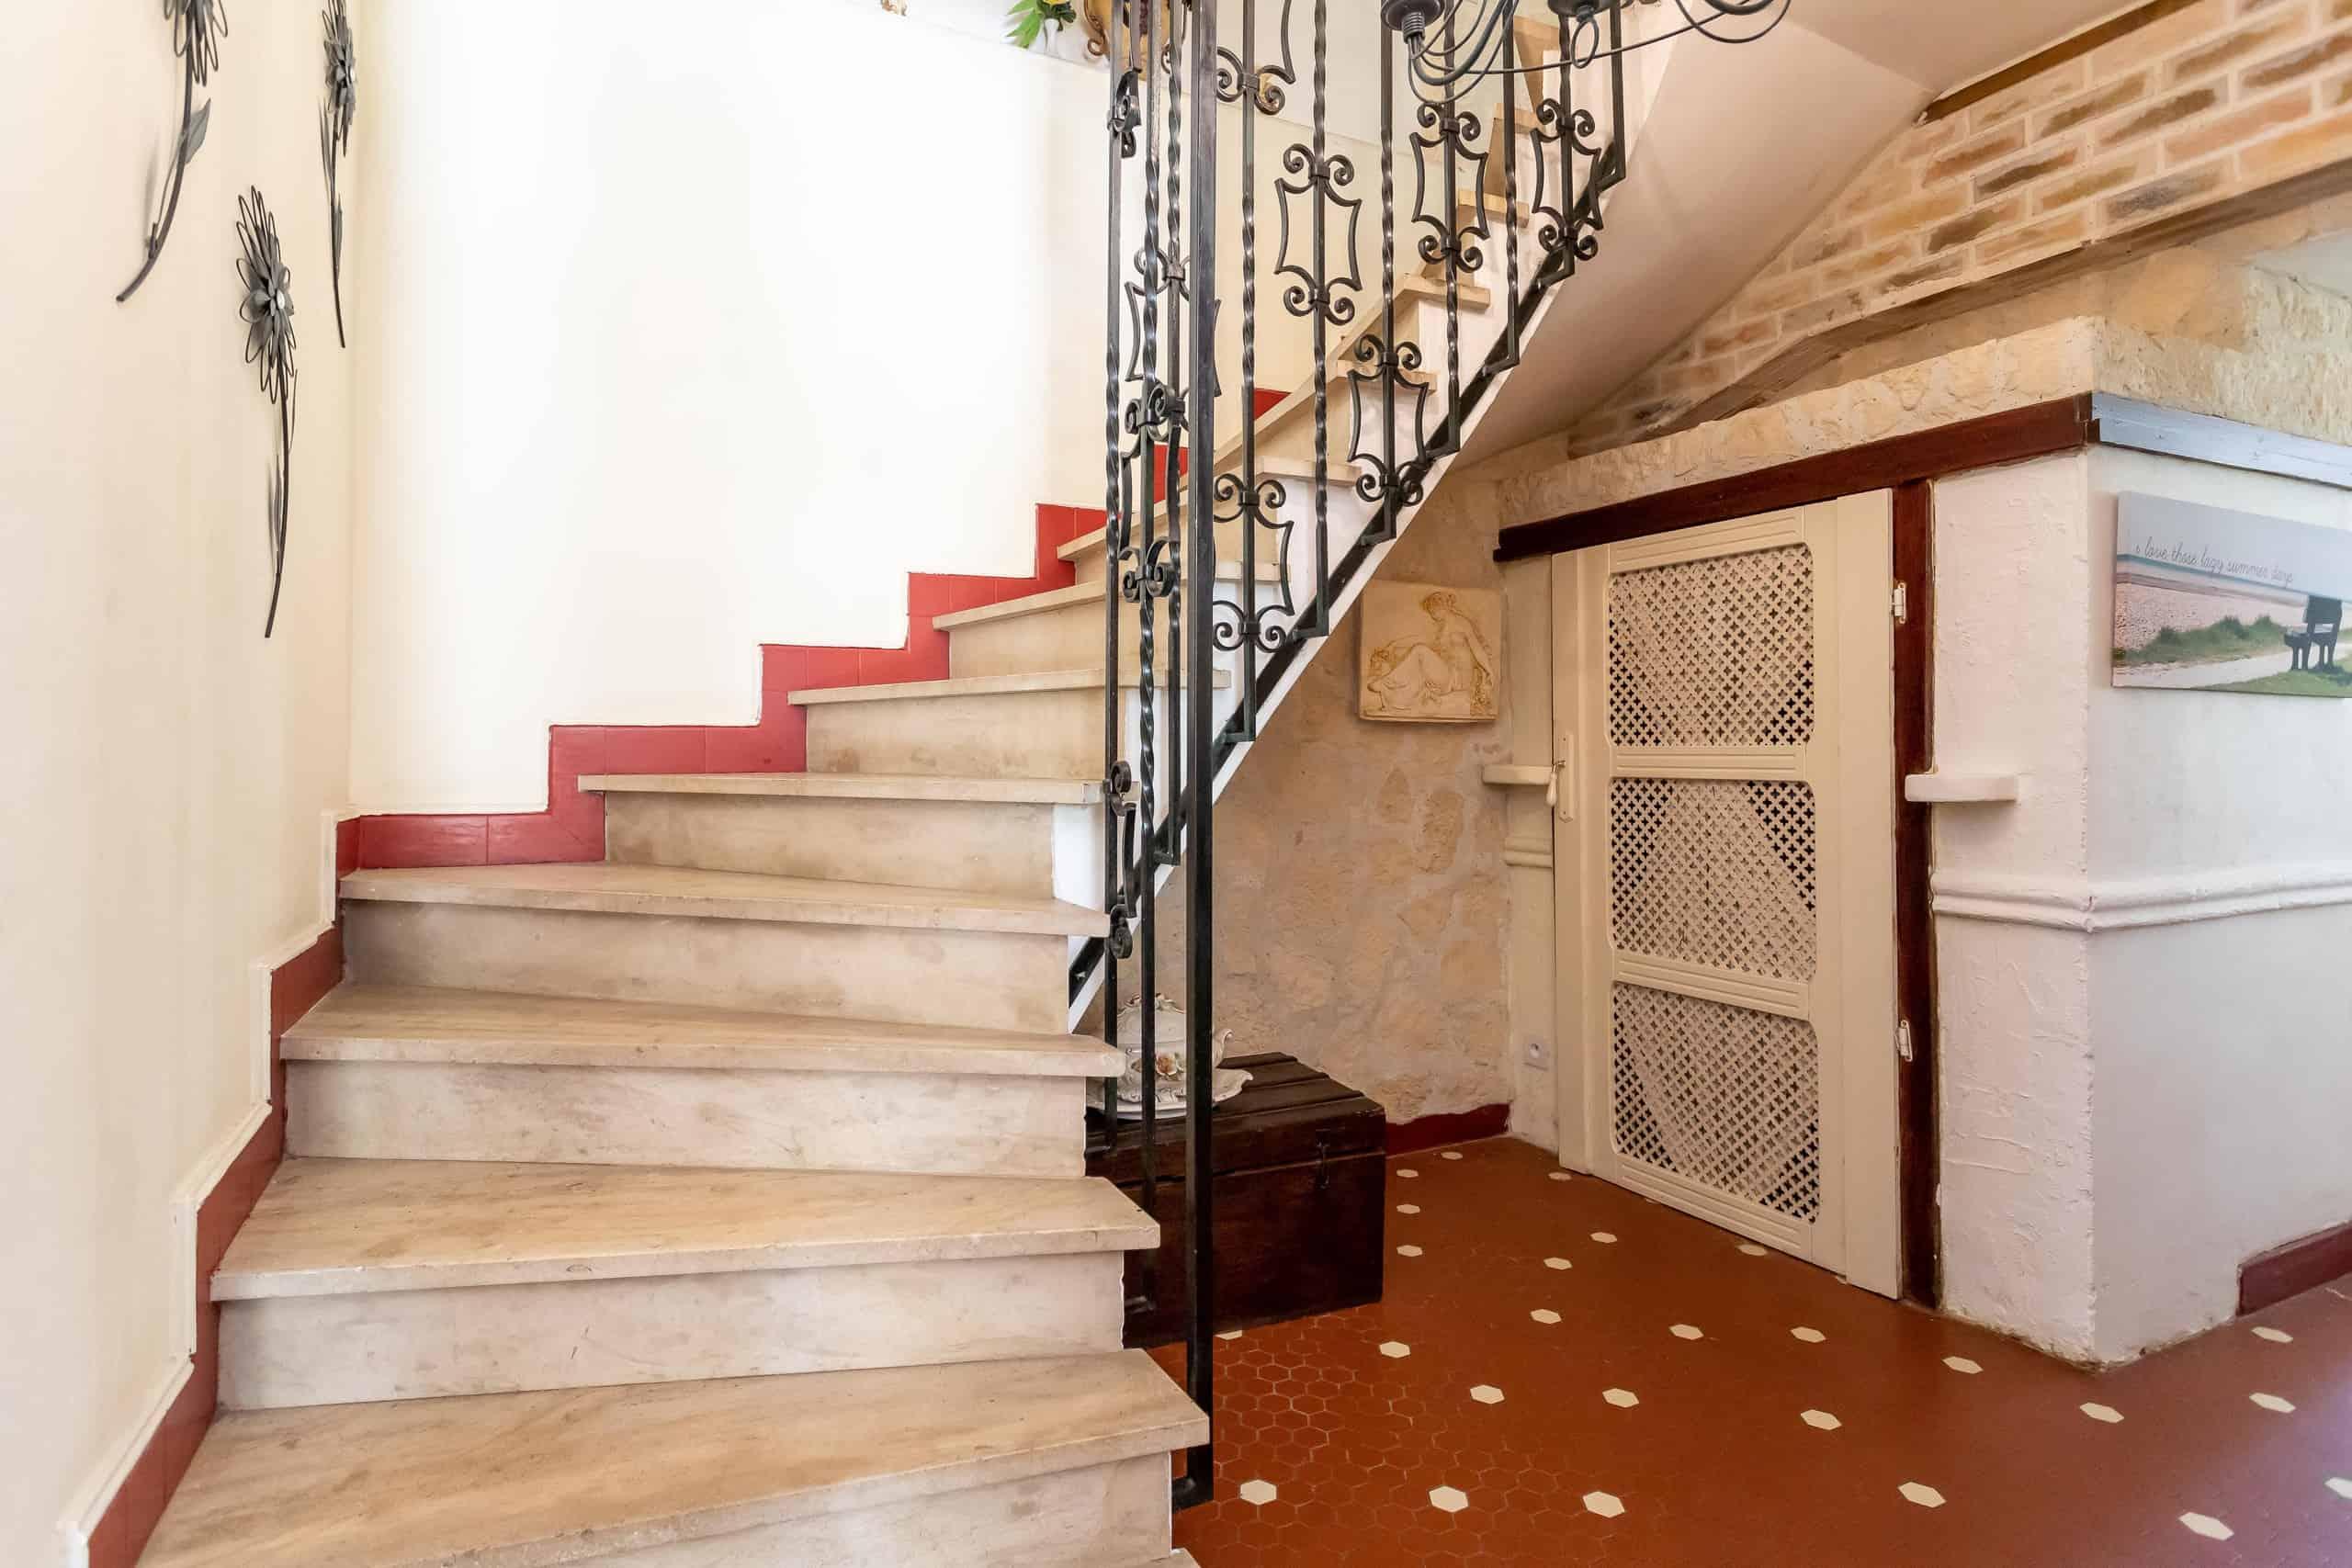 Escalier-WMC079